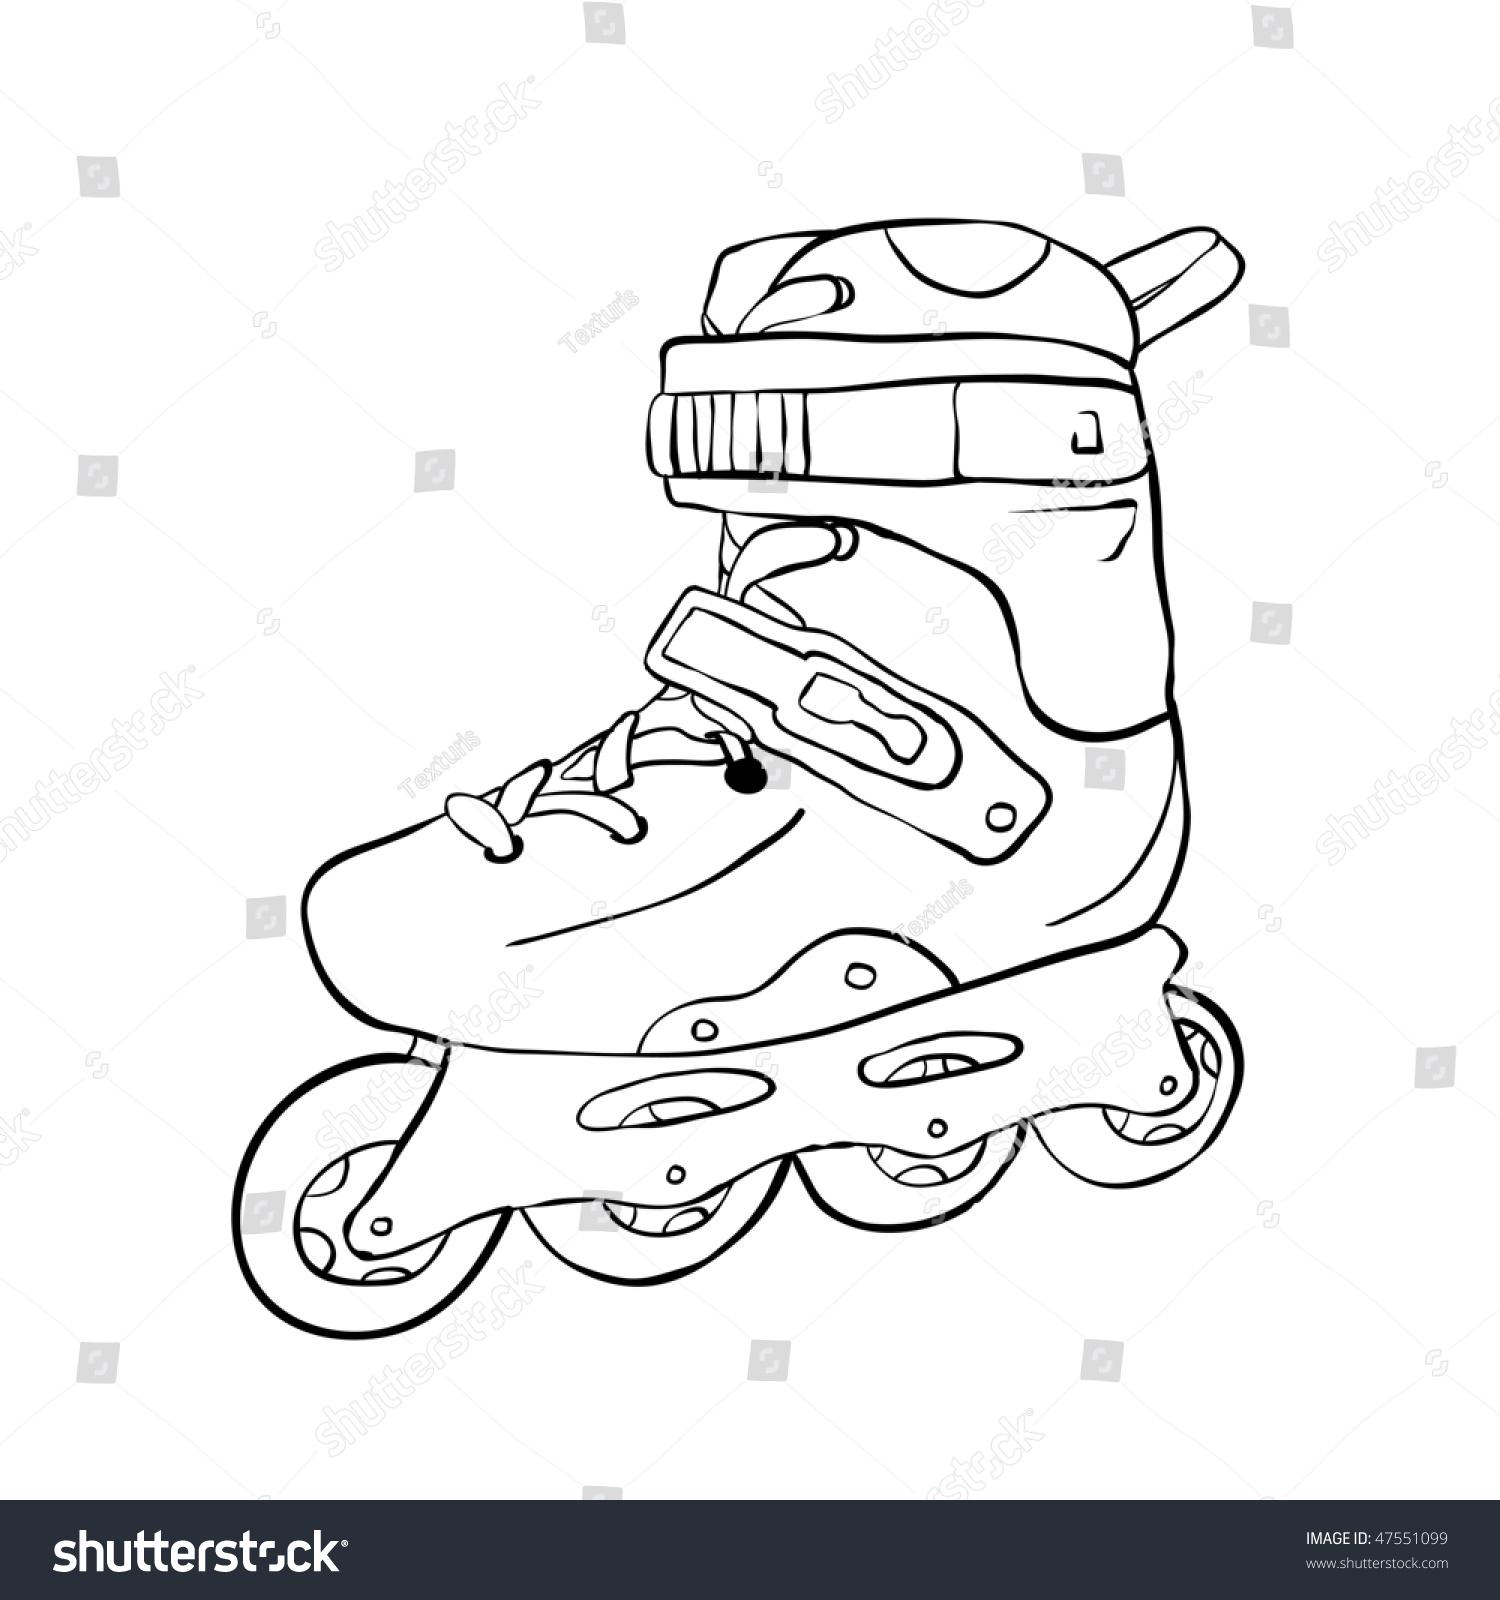 Roller skates book - Roller Skate Sketch Vector